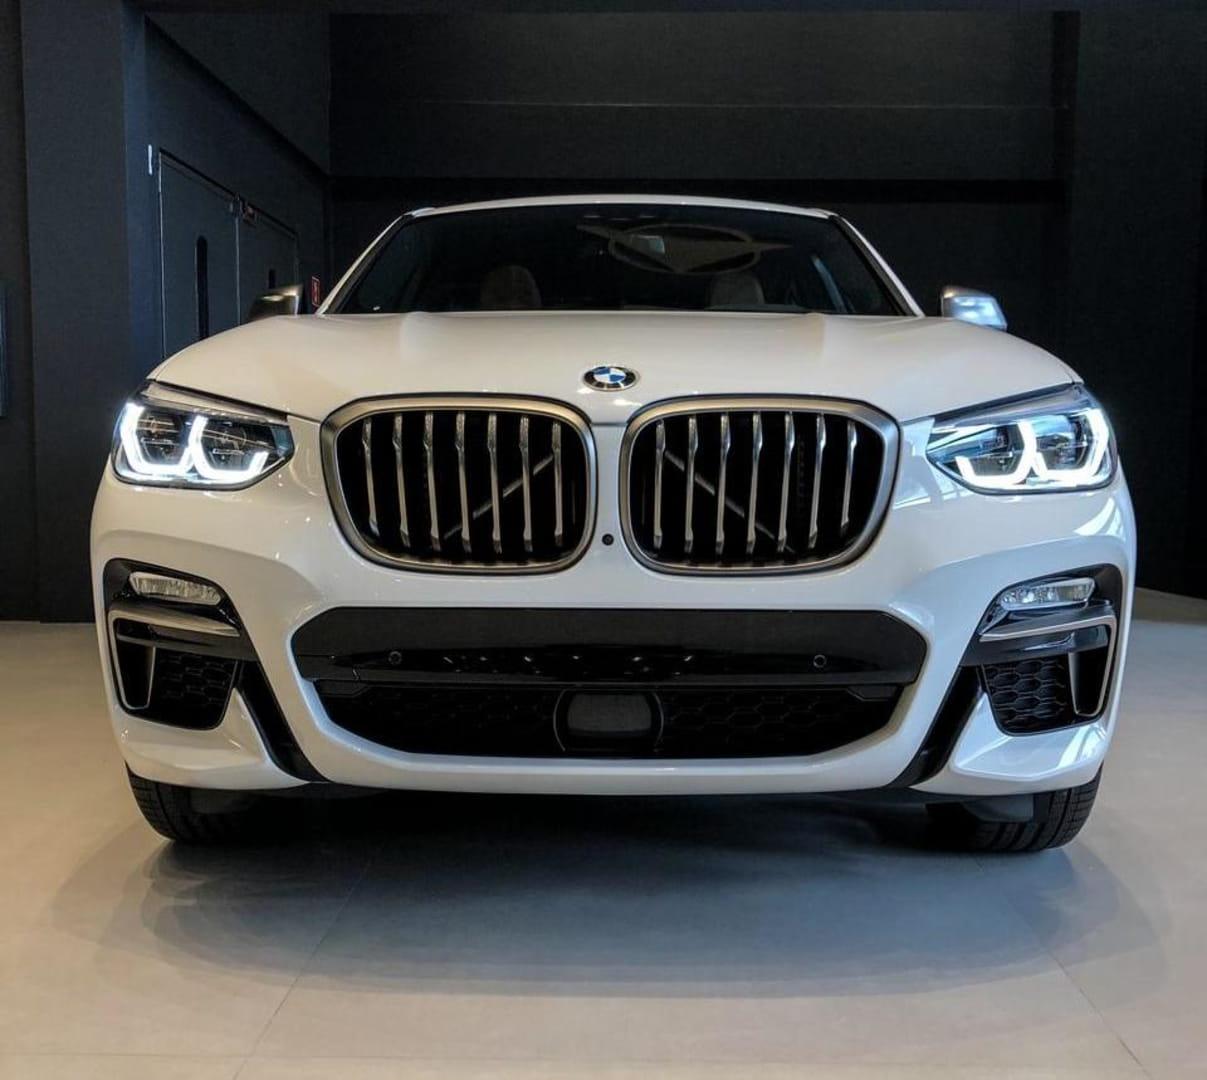 BMW X4 M40i 3.0 TURBO V6 360V AUT